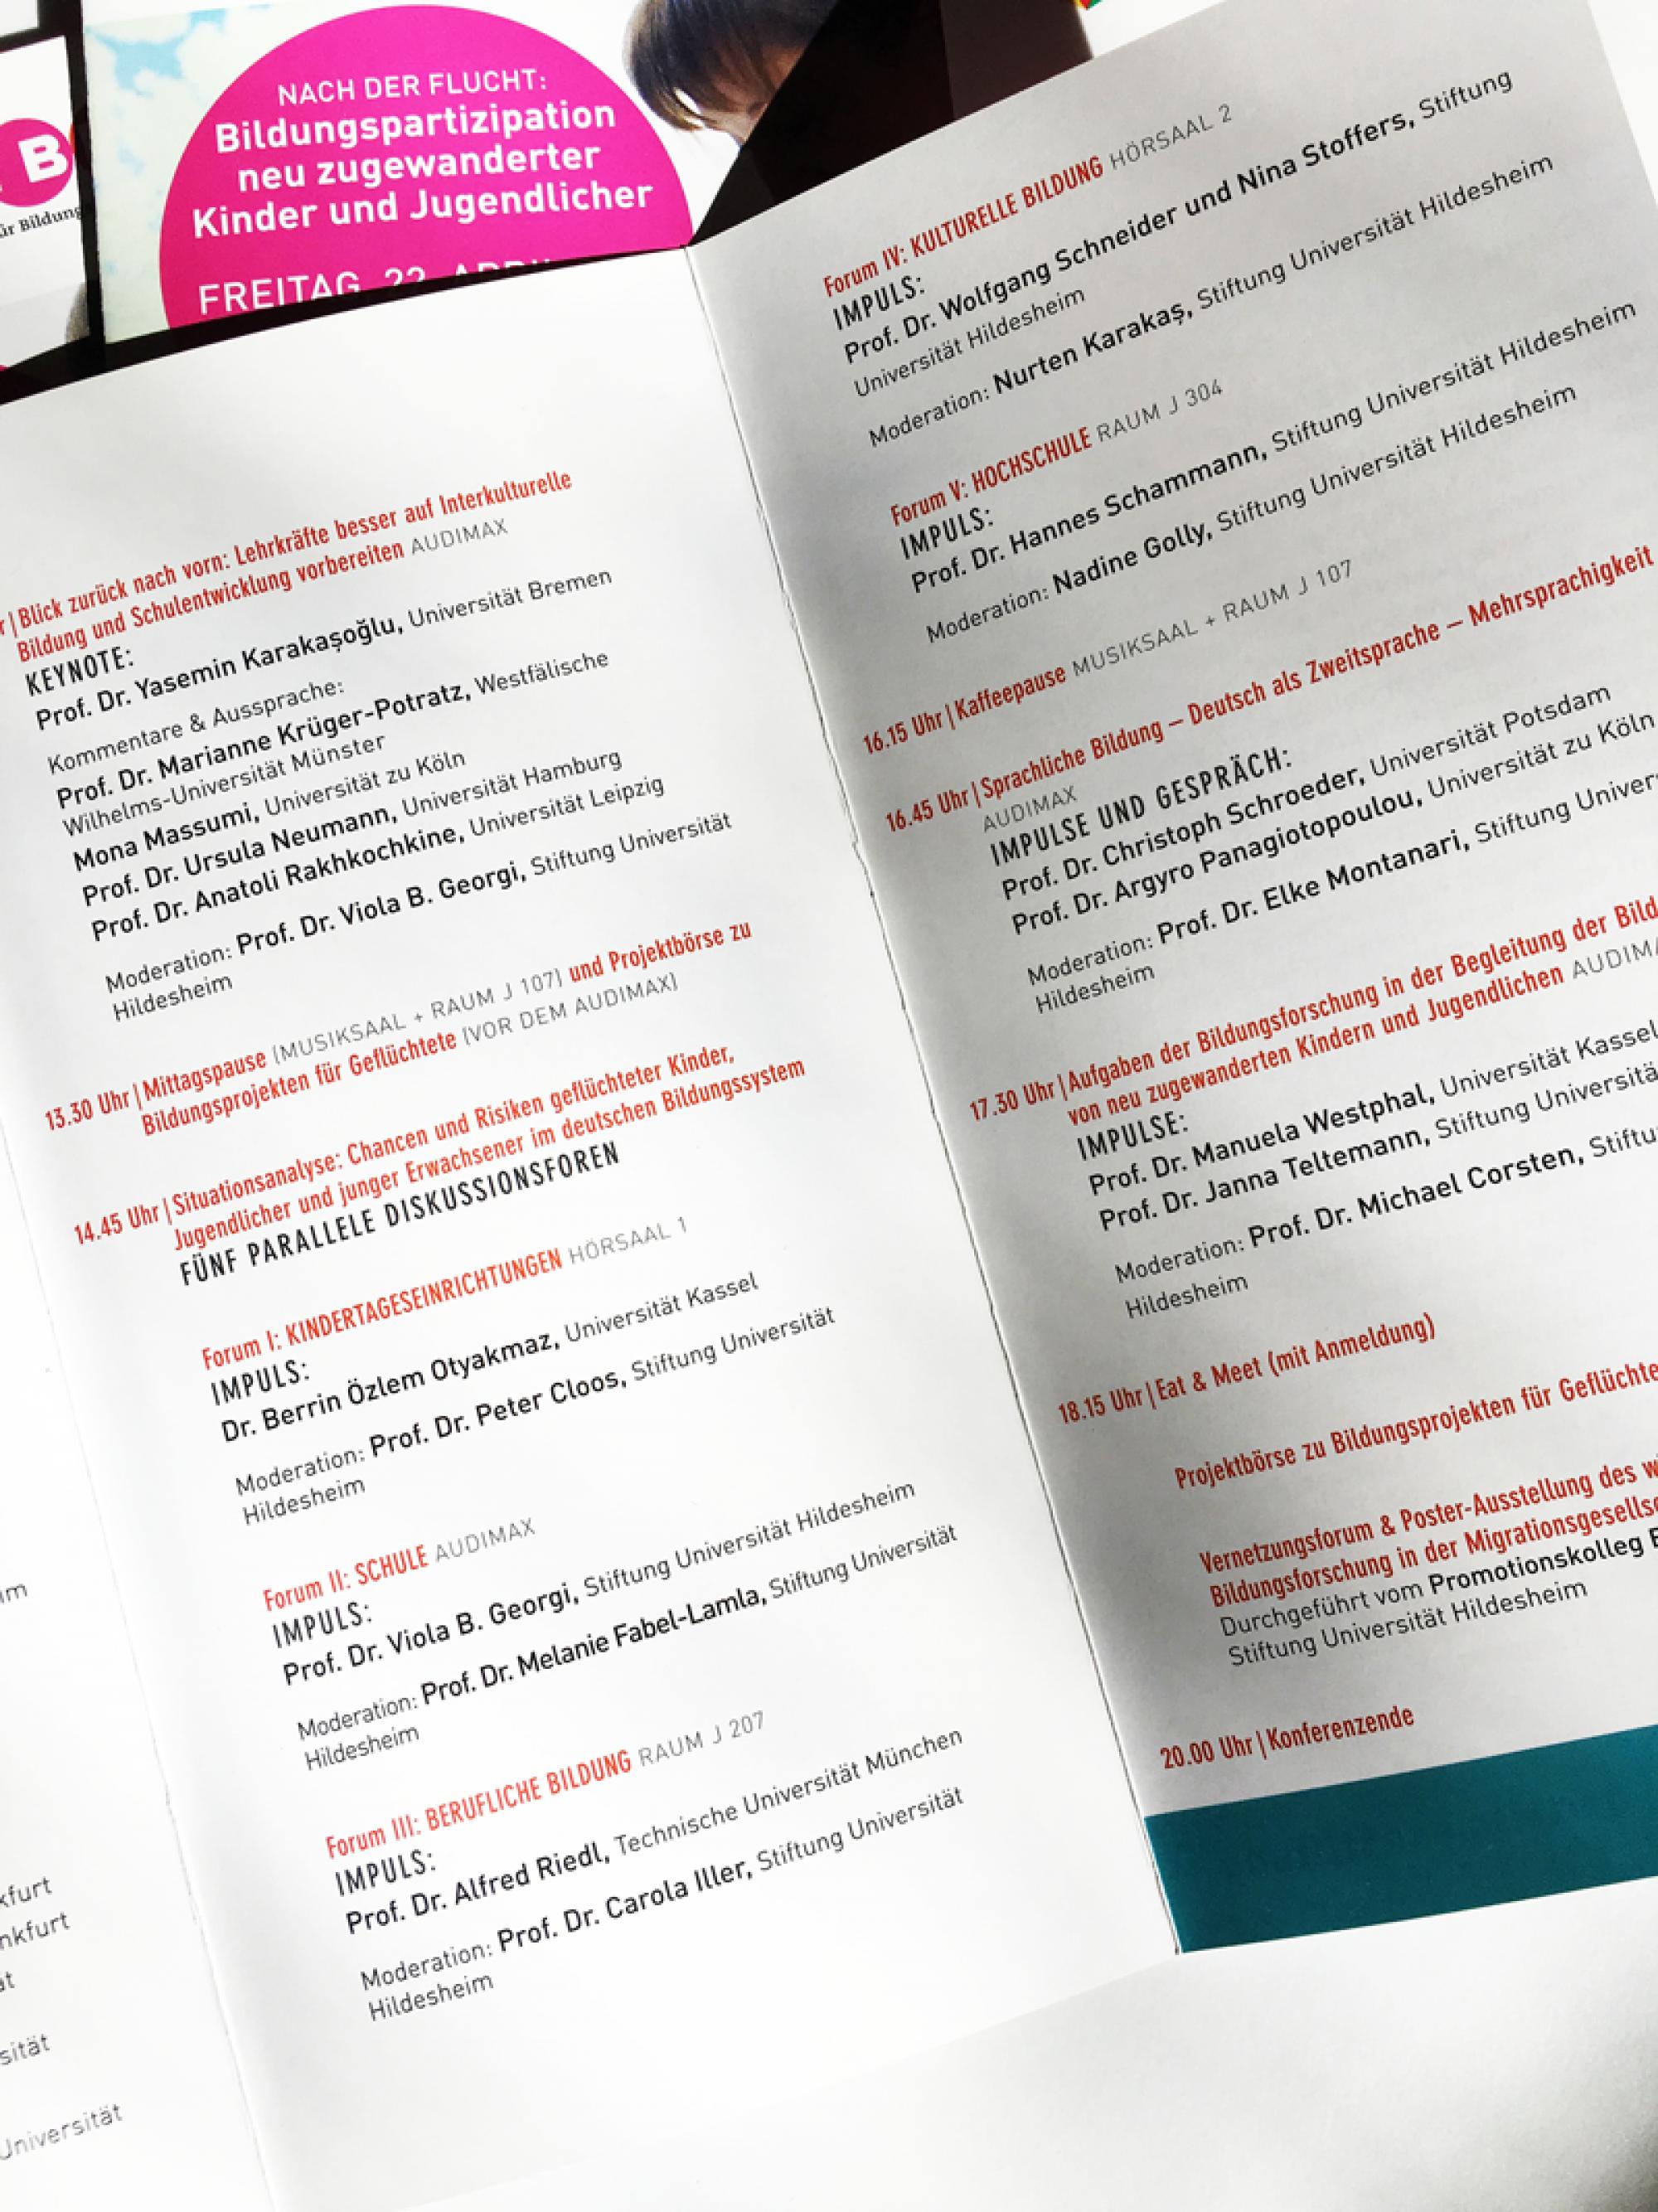 Flyerdesign-Gestaltung-Konferenz-Stiftung-Uni-Hildesheim-Detail-02